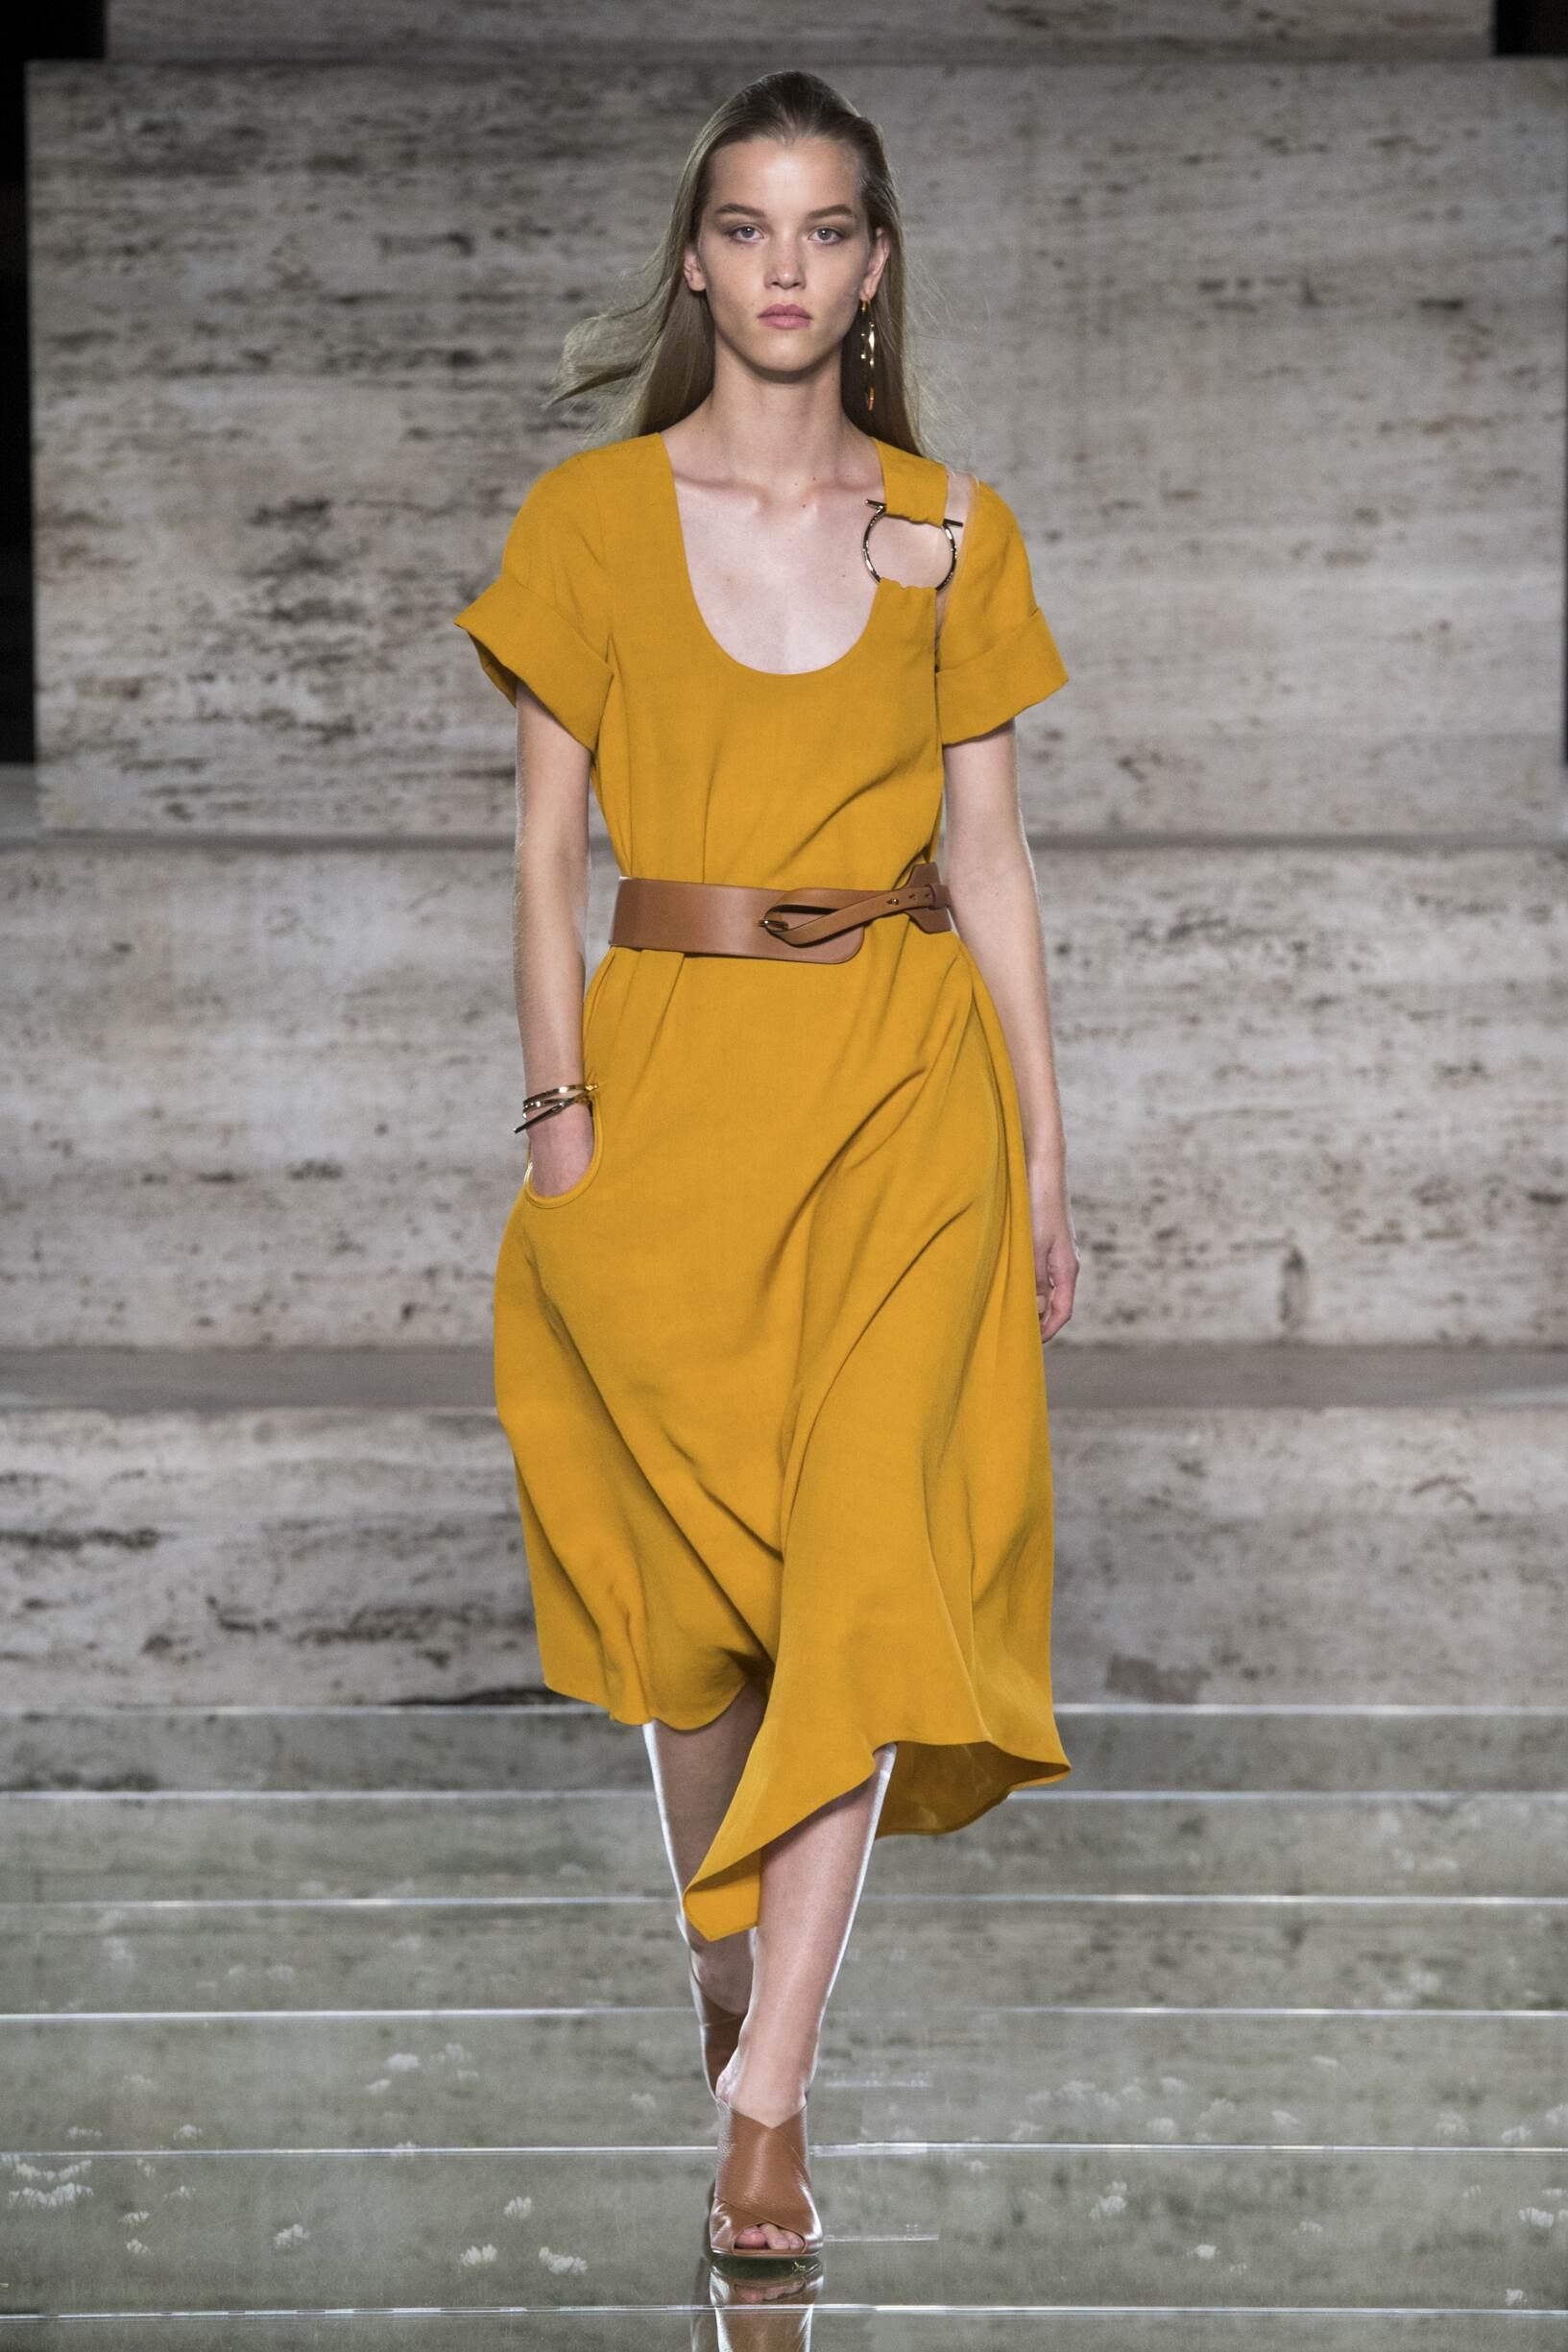 Fashion Woman Model Salvatore Ferragamo Catwalk